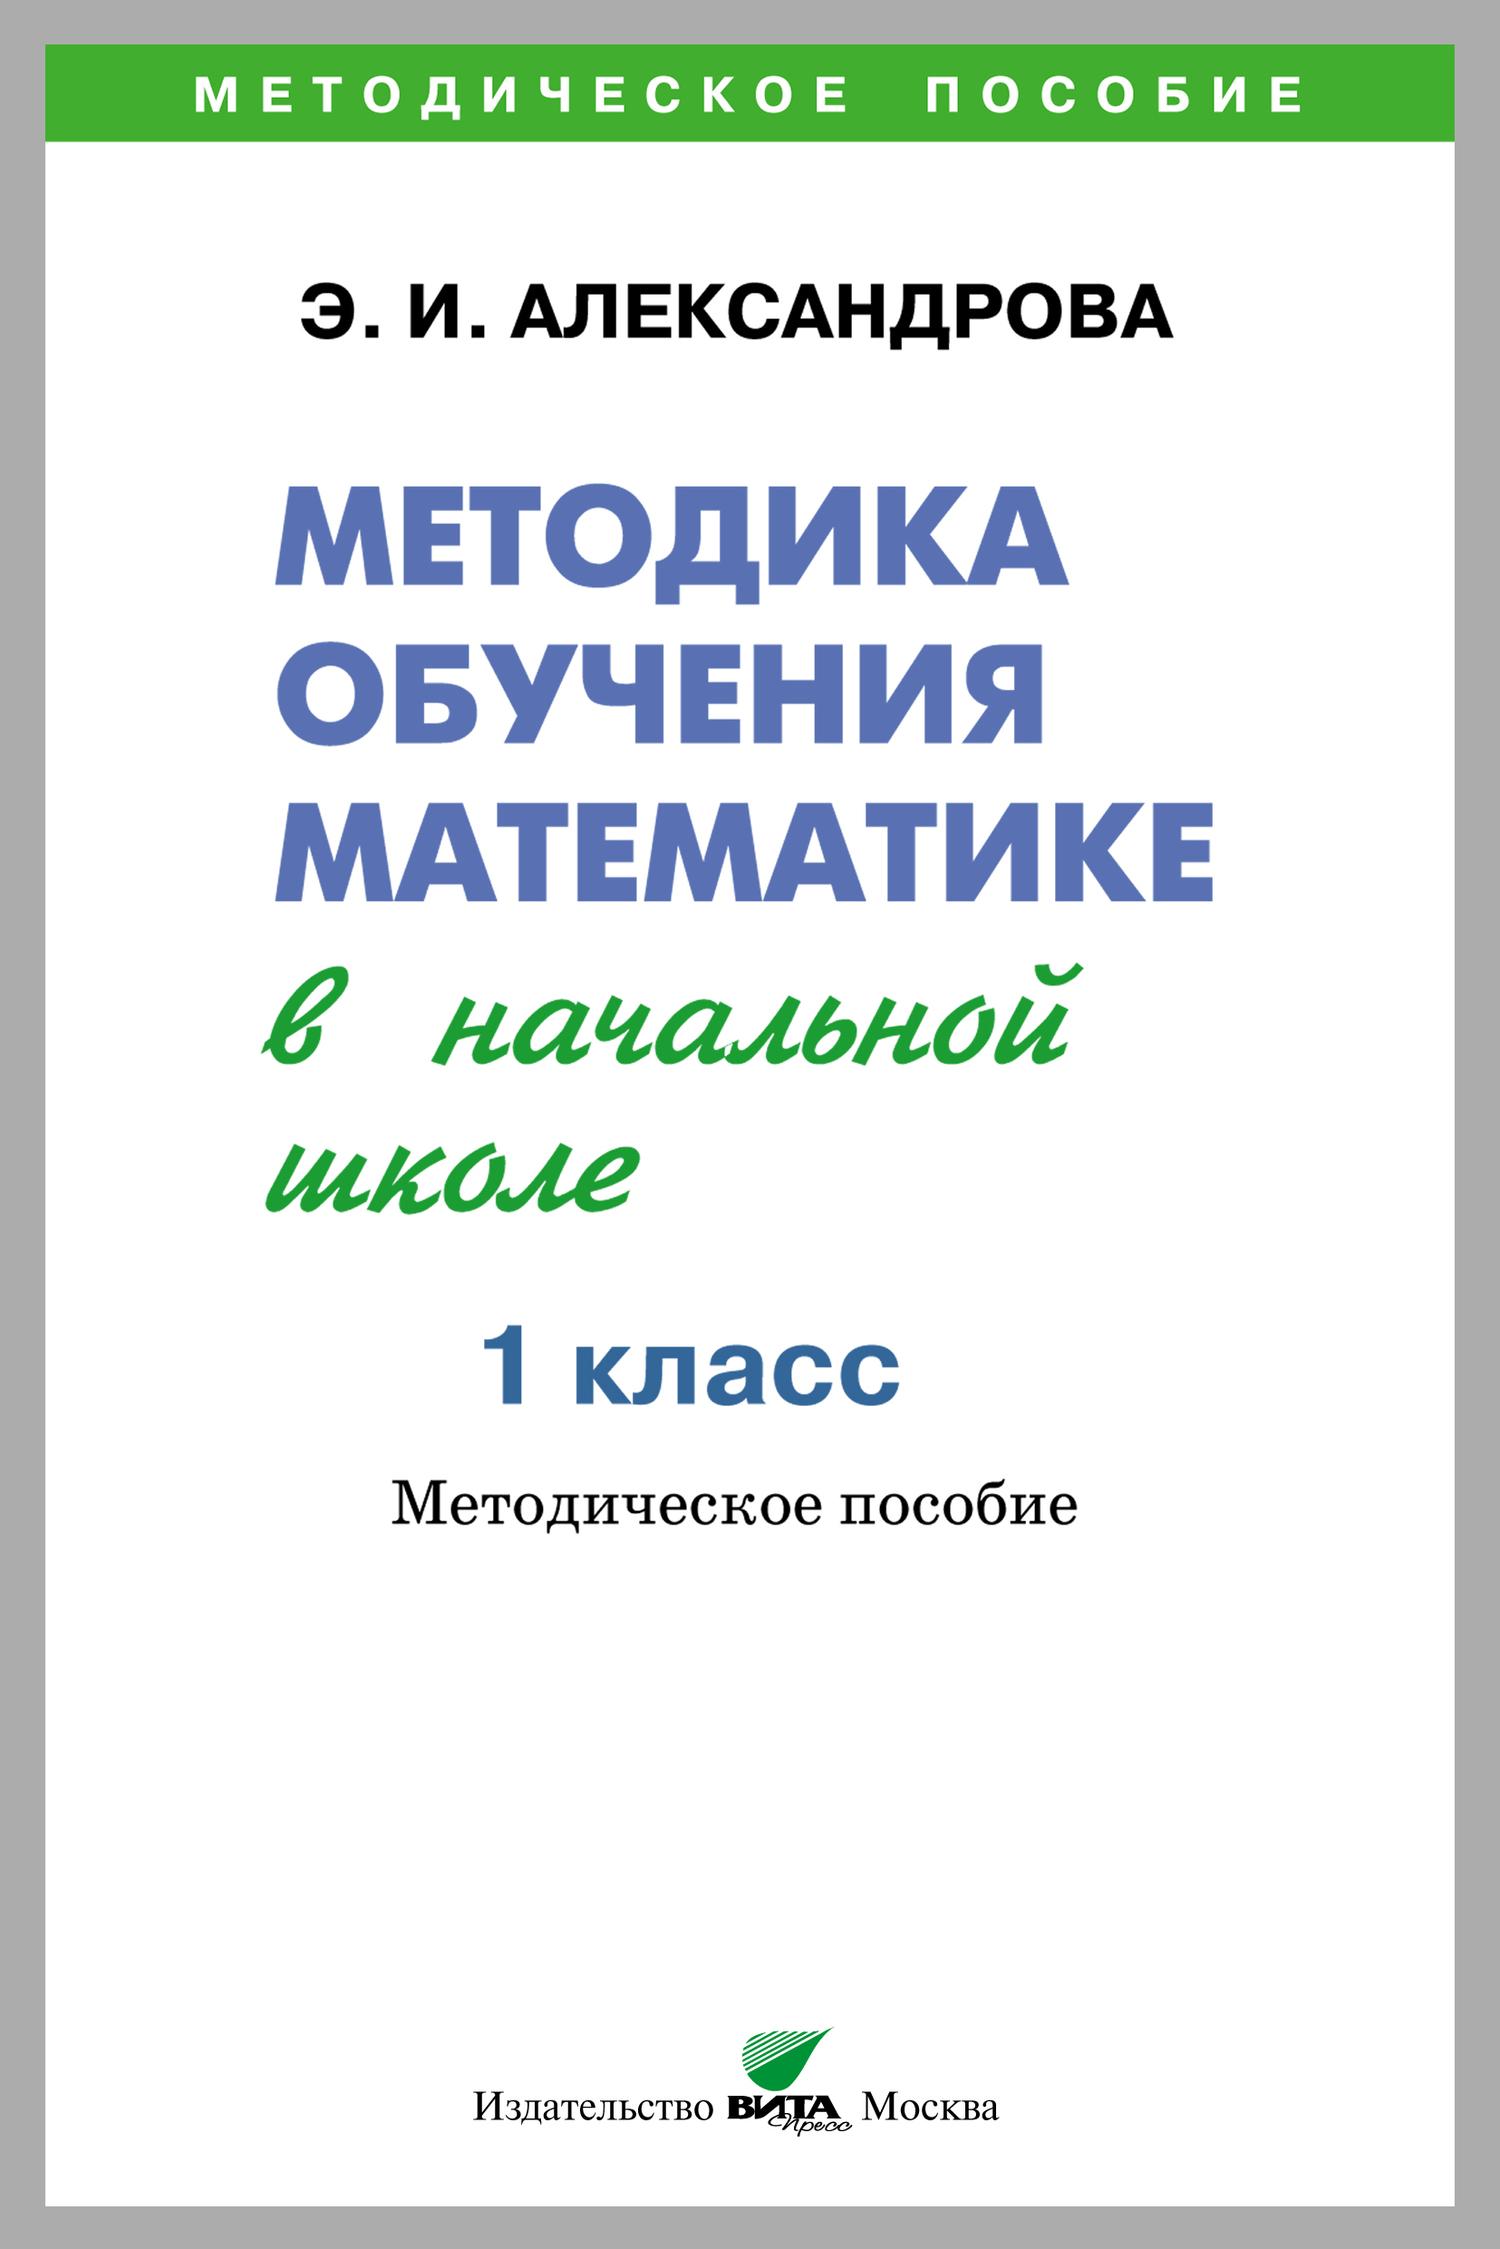 Э. И. Александрова. Методика обучения математике в начальной школе. Методическое пособие. 1 класс